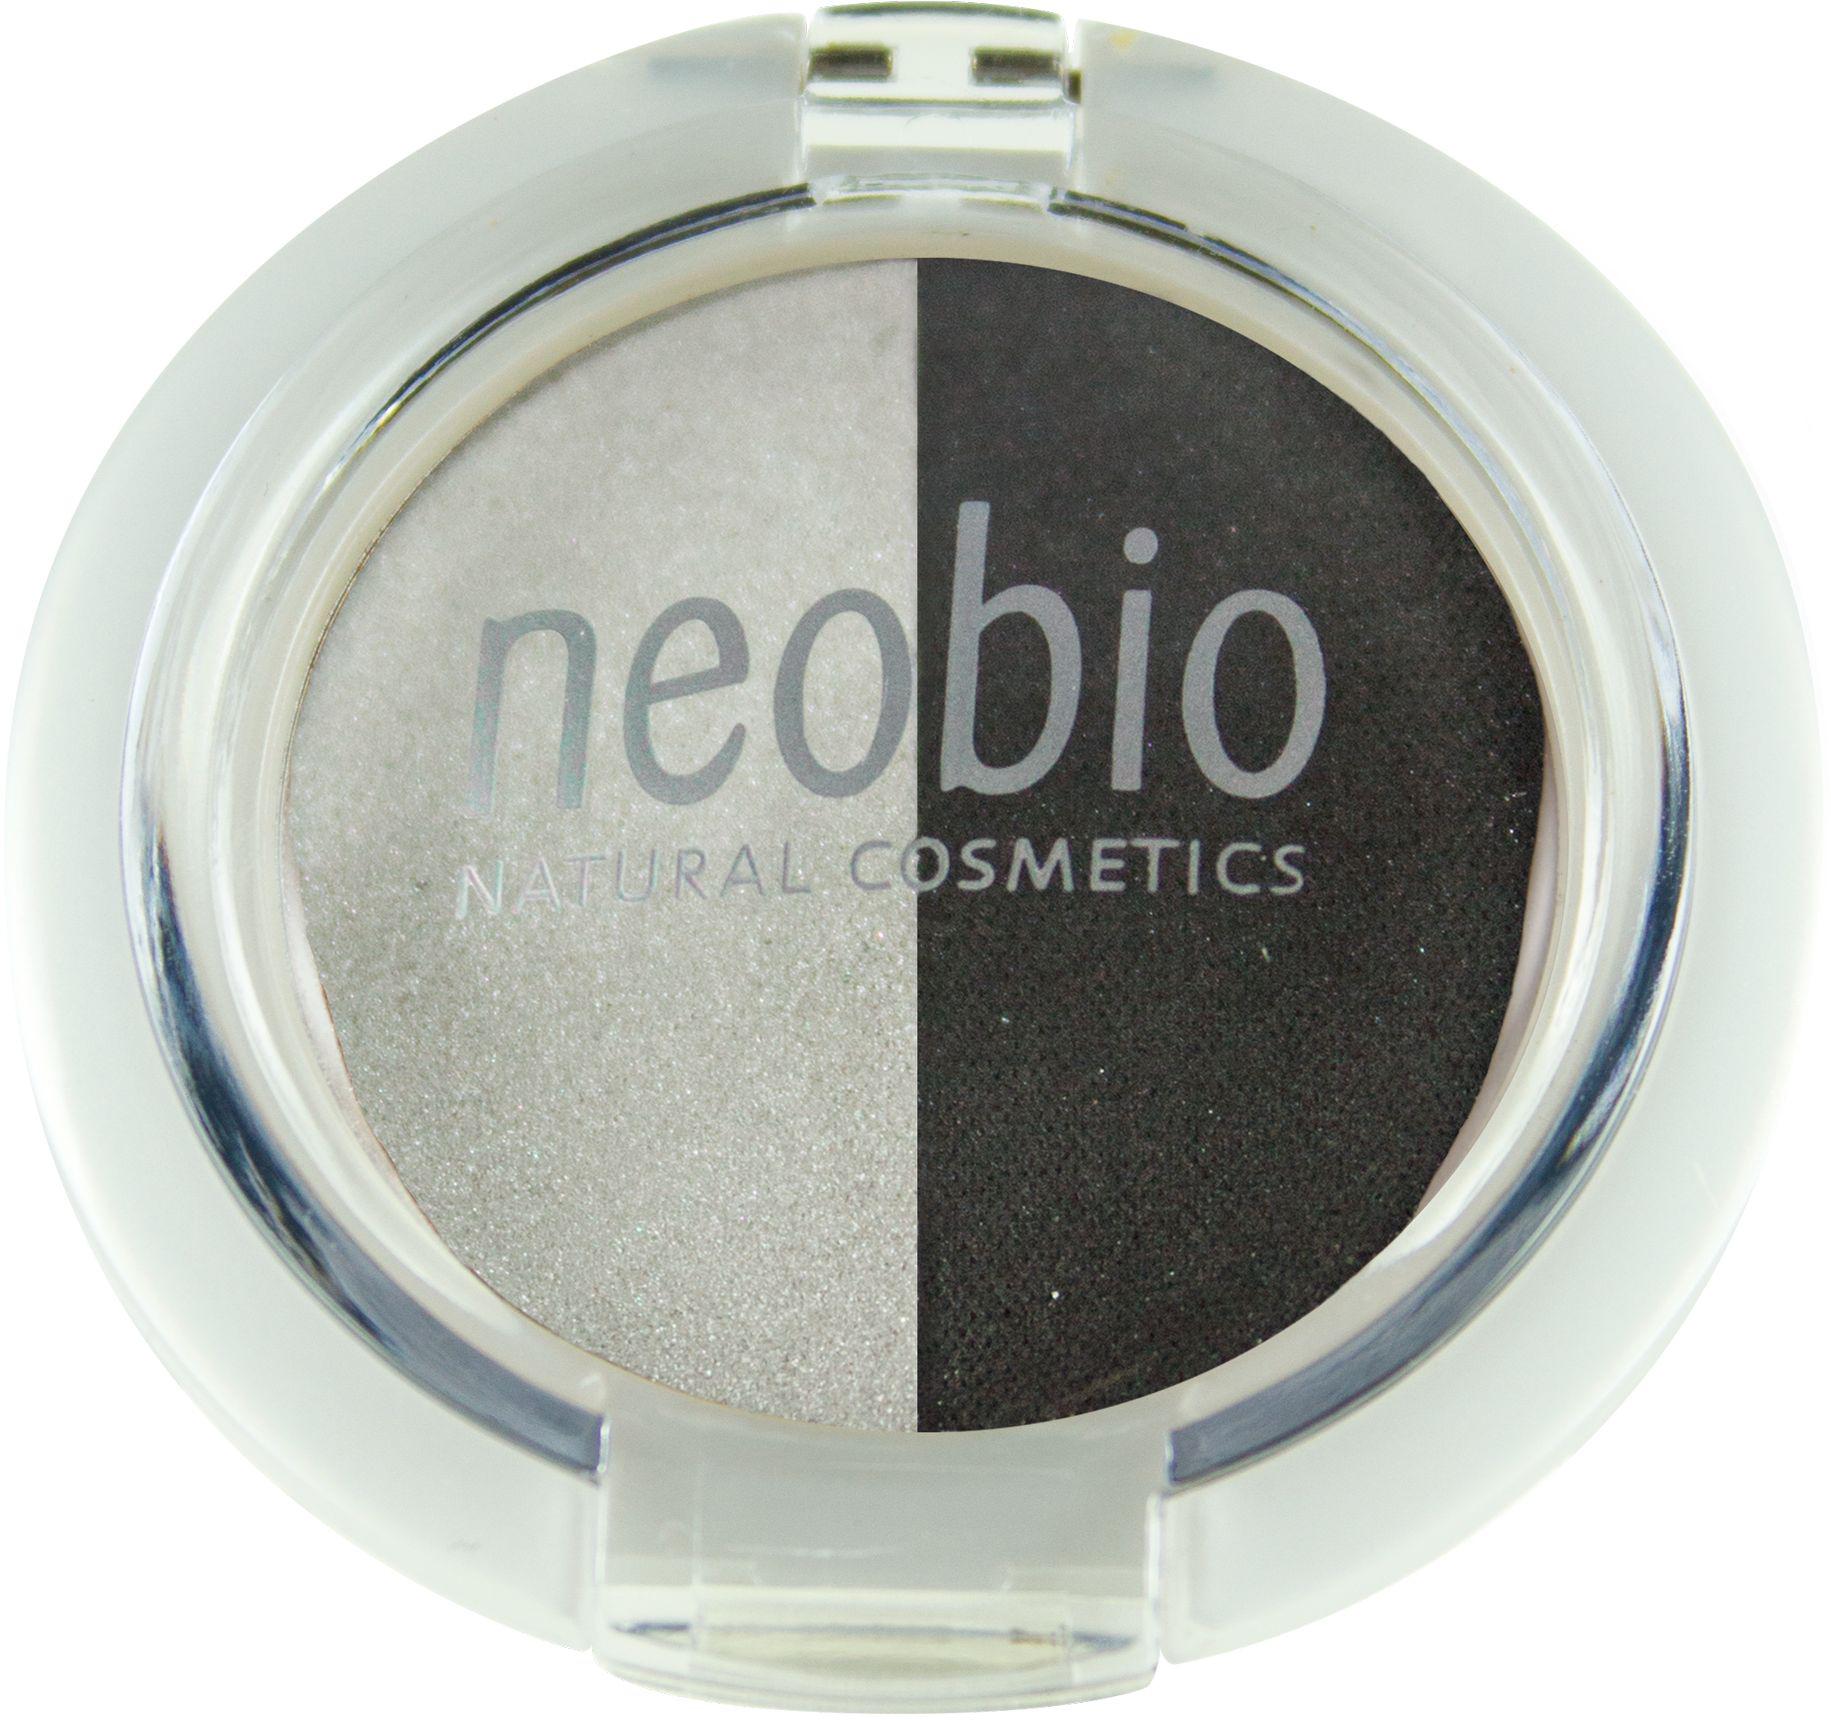 Neobio Двойные тени для век, тон № 03 (туманная ночь), 2,5 г62056Тени для век Neobio имеют мягкую матовую текстуру, легко наносятся, не скатываются и не осыпаются, держатся в течение дня. В результате нанесения получается элегантный макияж глаз и в тоже время надежный уход и защита за Вашей кожей. Тени Neobio подходят для чувствительных глаз, а также при ношении контактных линз. Тени содержат безвредные деликатные красящие пигменты, одобренные международной сертификацией NATRUE. Входящие в состав органическое масло макадамии, органическое масло клещевины и витамин Е благотворно влияют на кожу век, увлажняют ее и смягчают. Слюда оказывает противовоспалительный эффект, поглощает излишки жира и матирует. Двойные тени для век туманная ночь идеальный помощник в создании макияжа Smoky eyes. Натуральность продукта подтверждена международным сертификатом NATRUE. Продукт прошел дерматологический контроль.